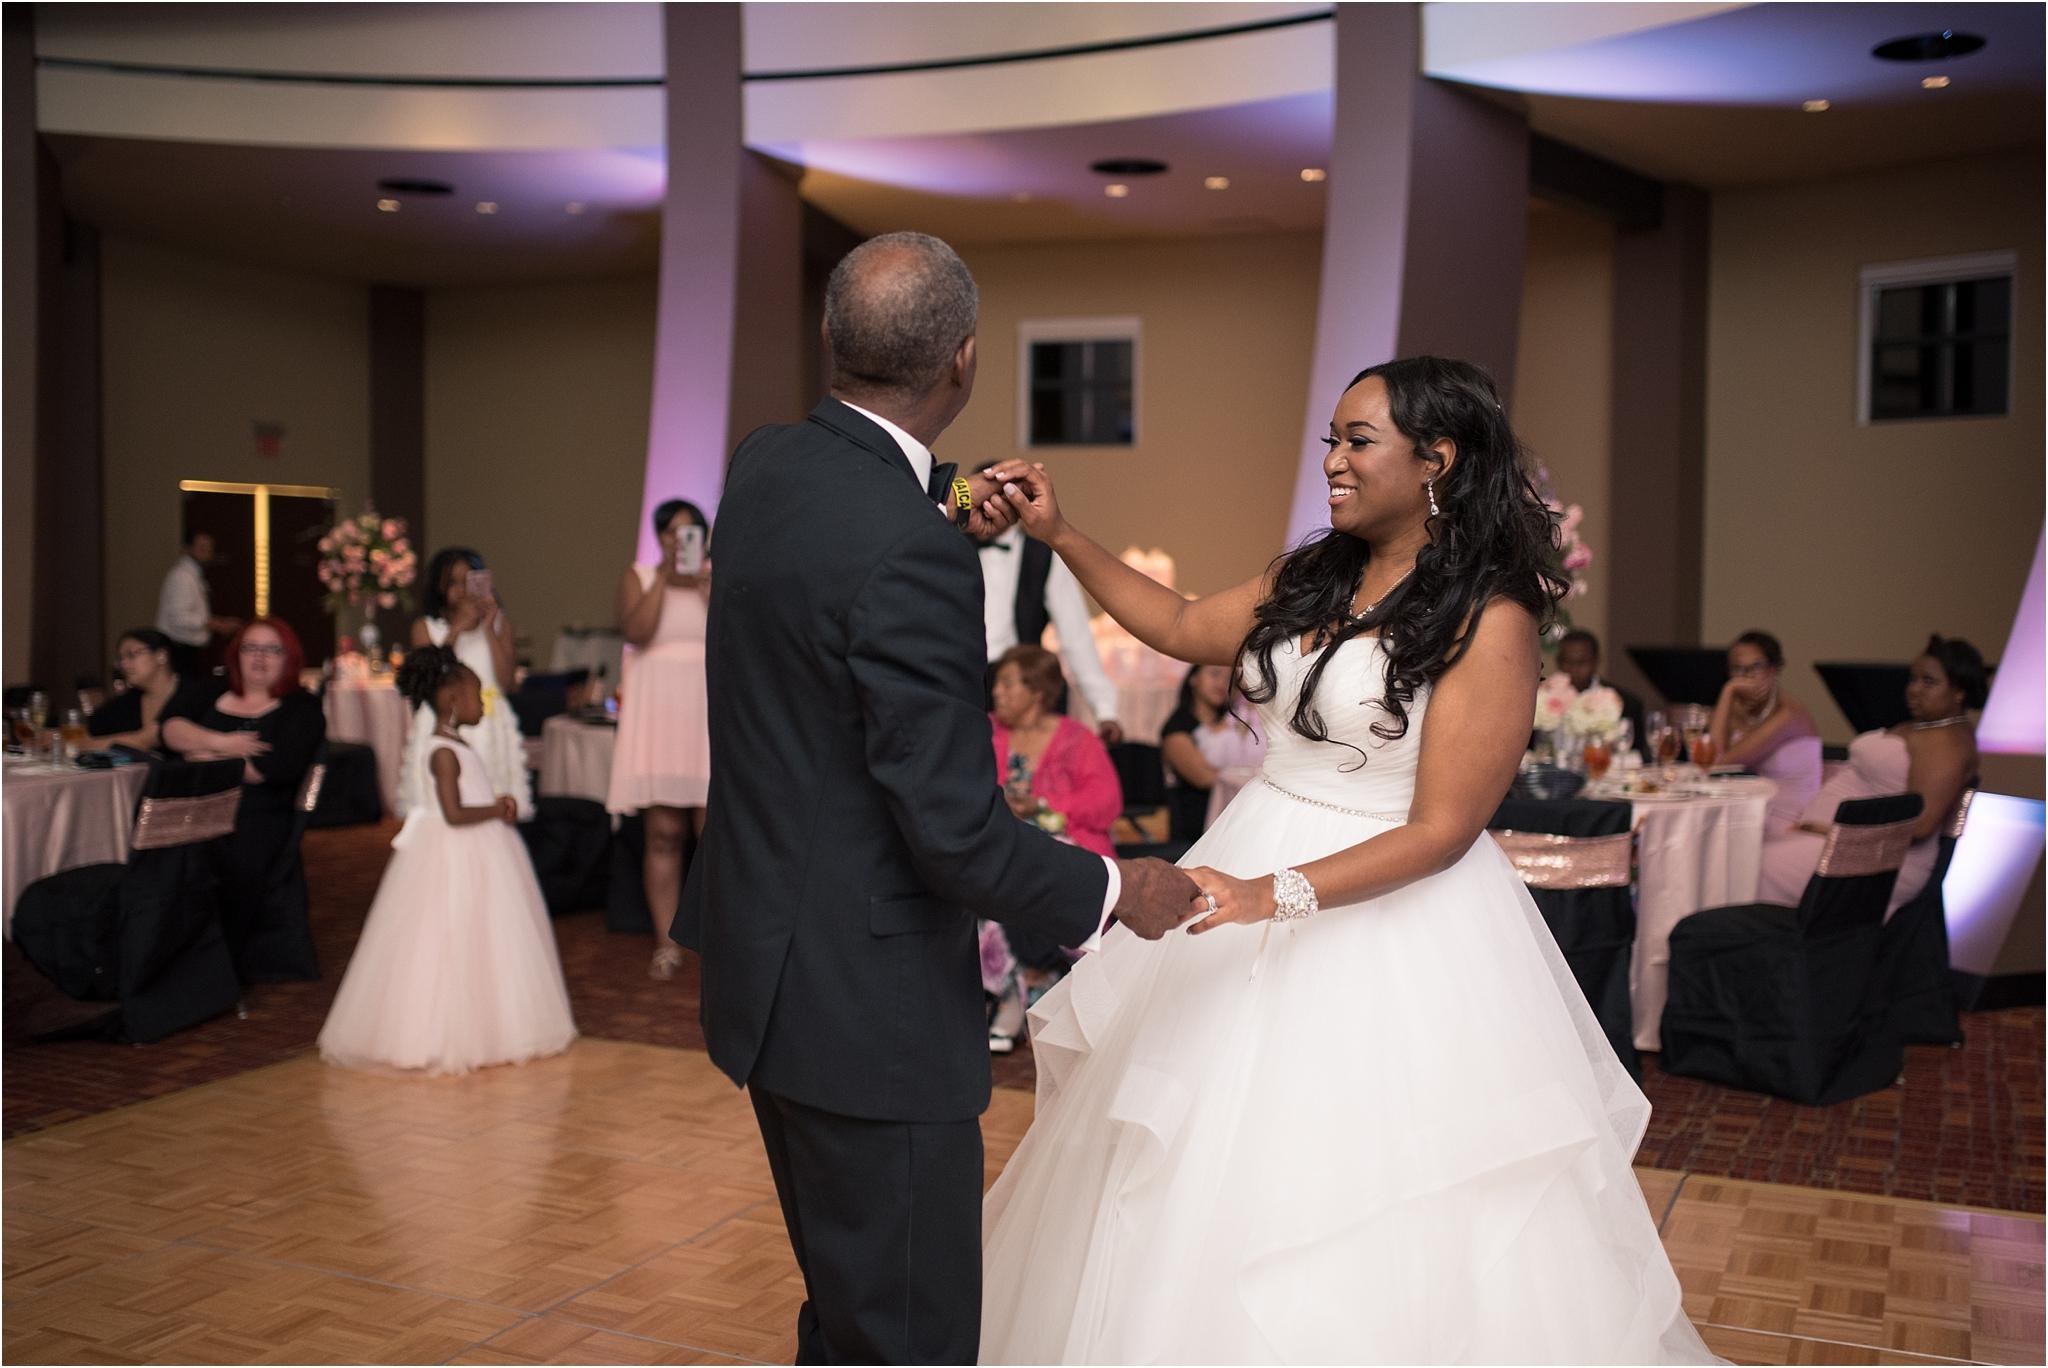 kayla kitts photography - albuquerque wedding photographer - isleta wedding_0042.jpg